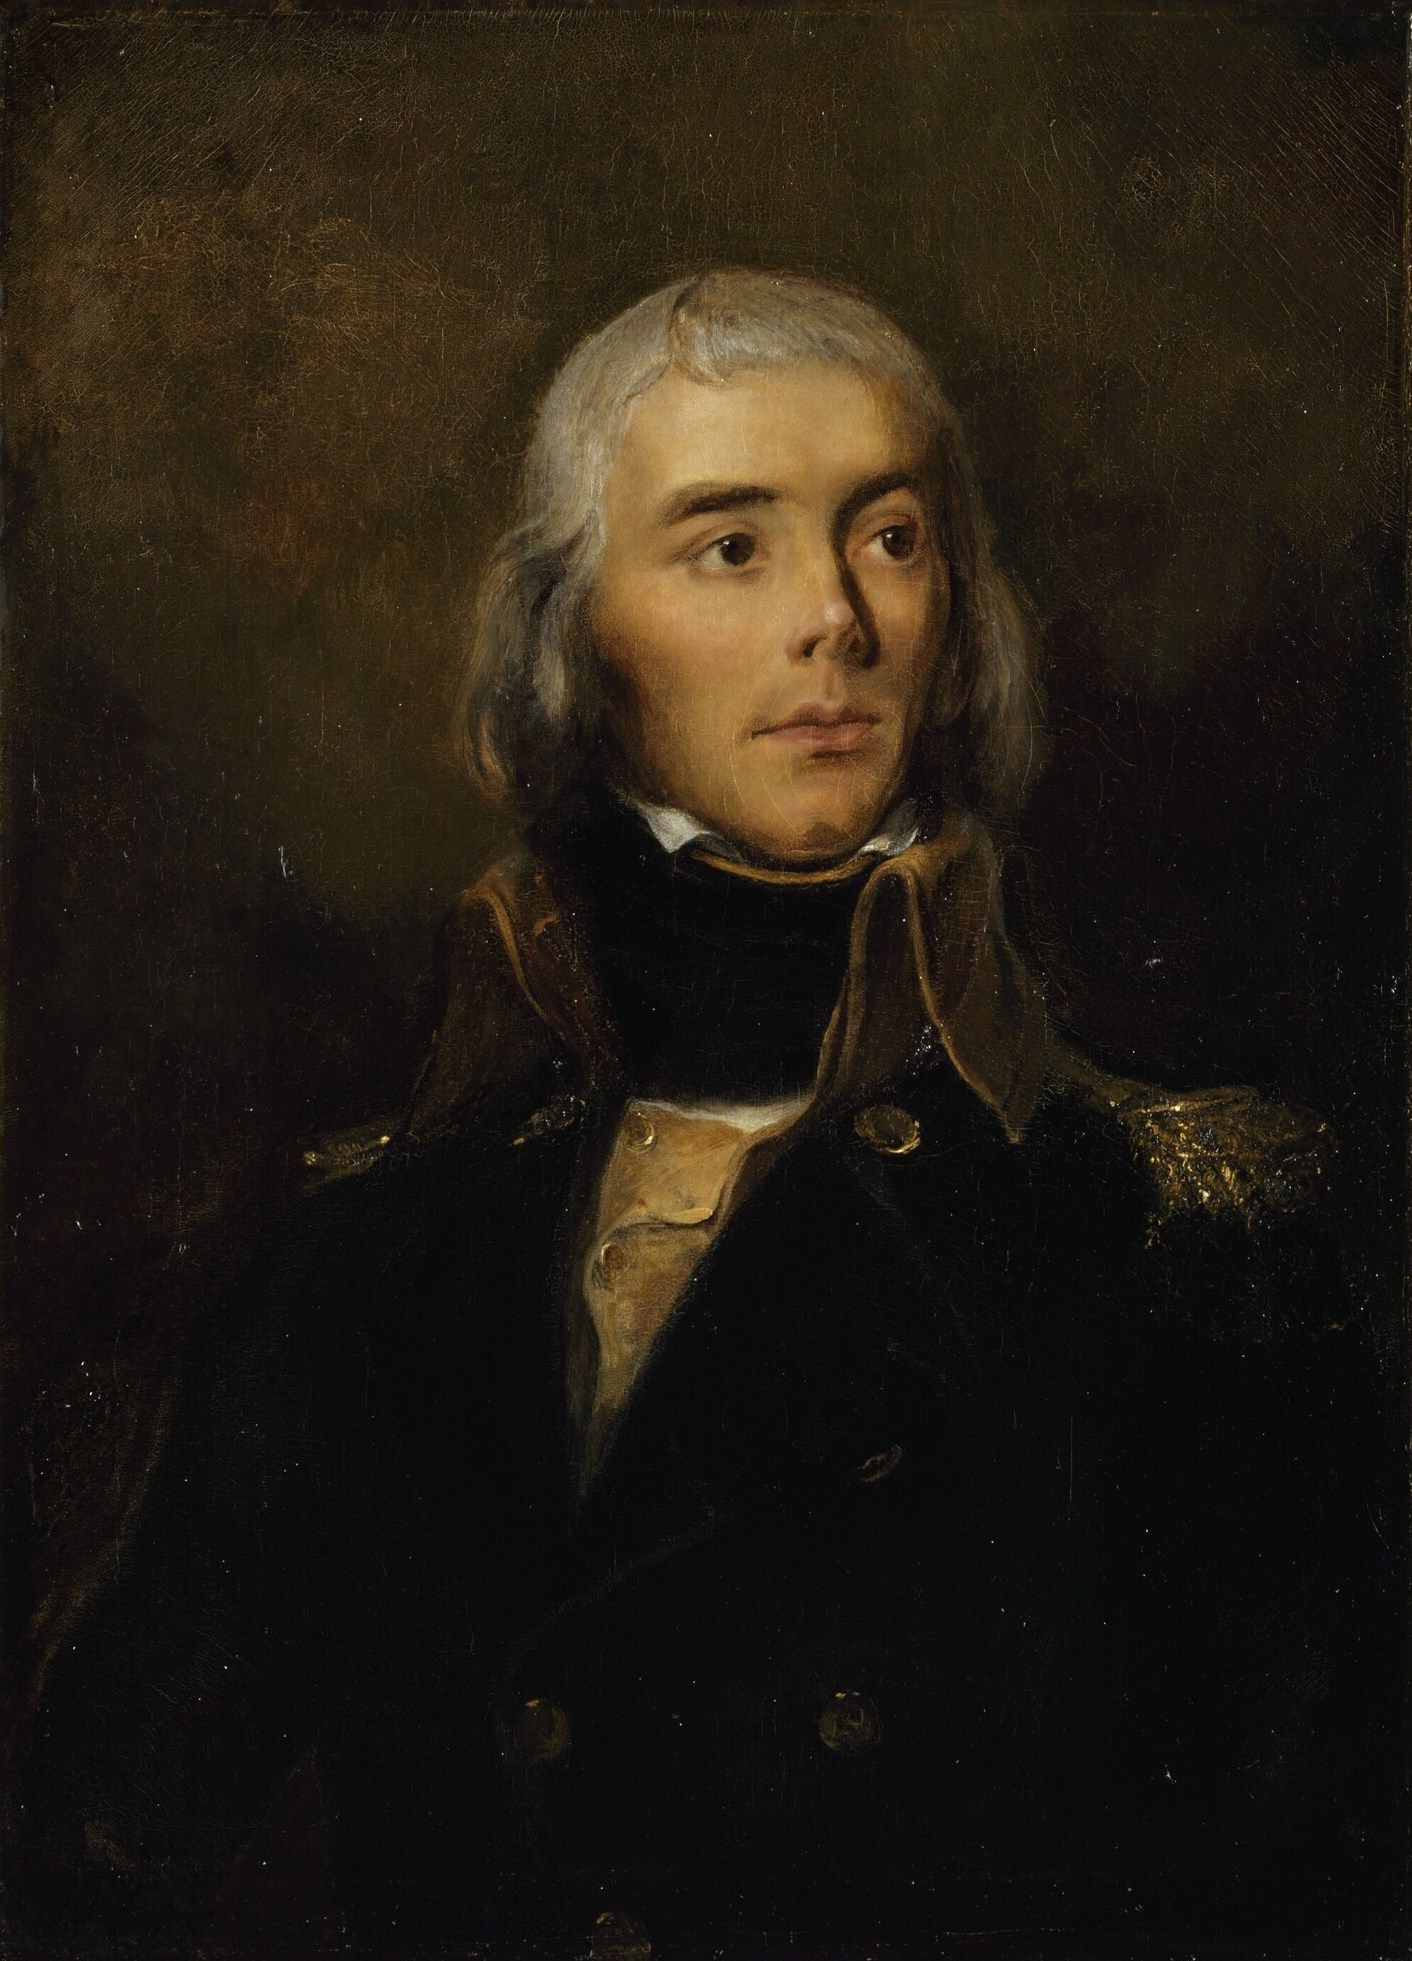 Rioult, Louis-Edouard - Etienne-Jacques-Joseph-Alexandre MacDonald ...